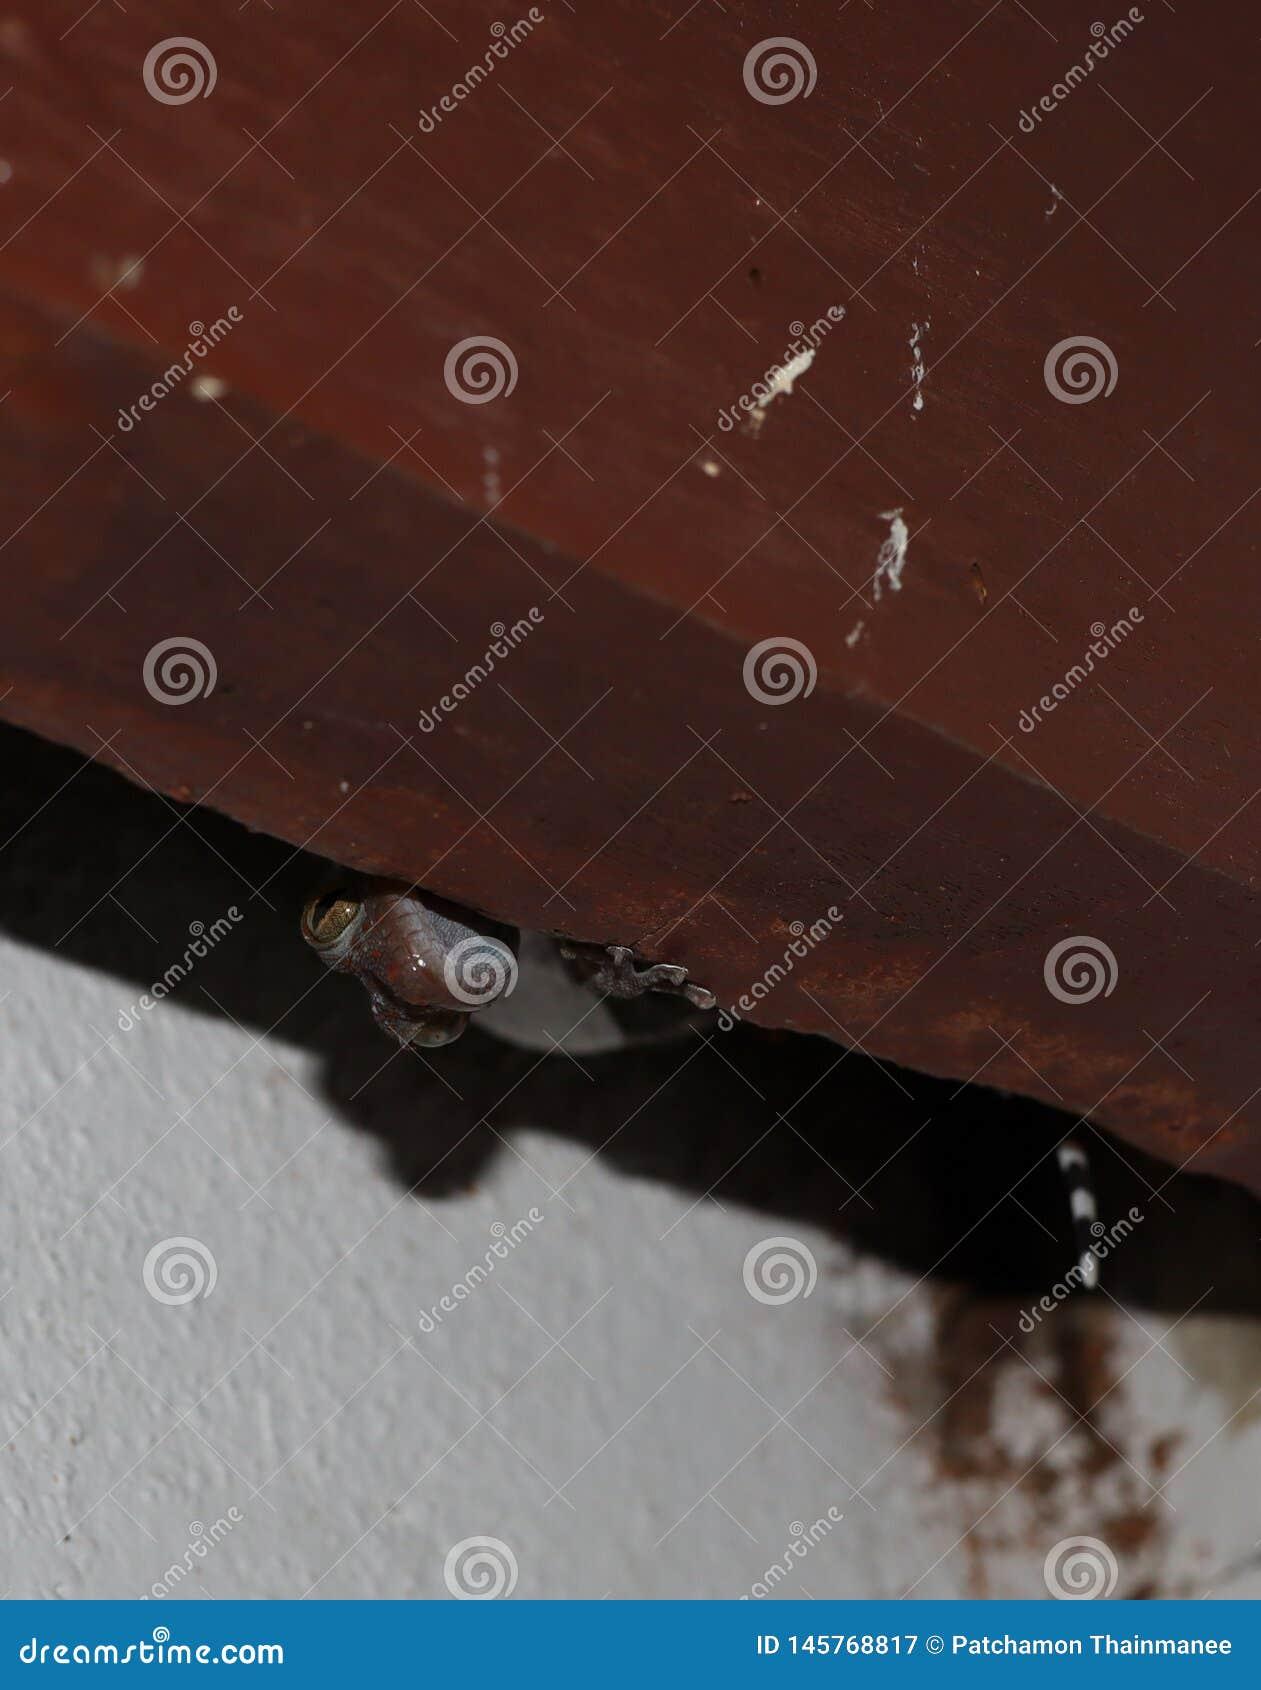 Images en gros plan des geckos animaux effrayants partant furtivement derrière les planches